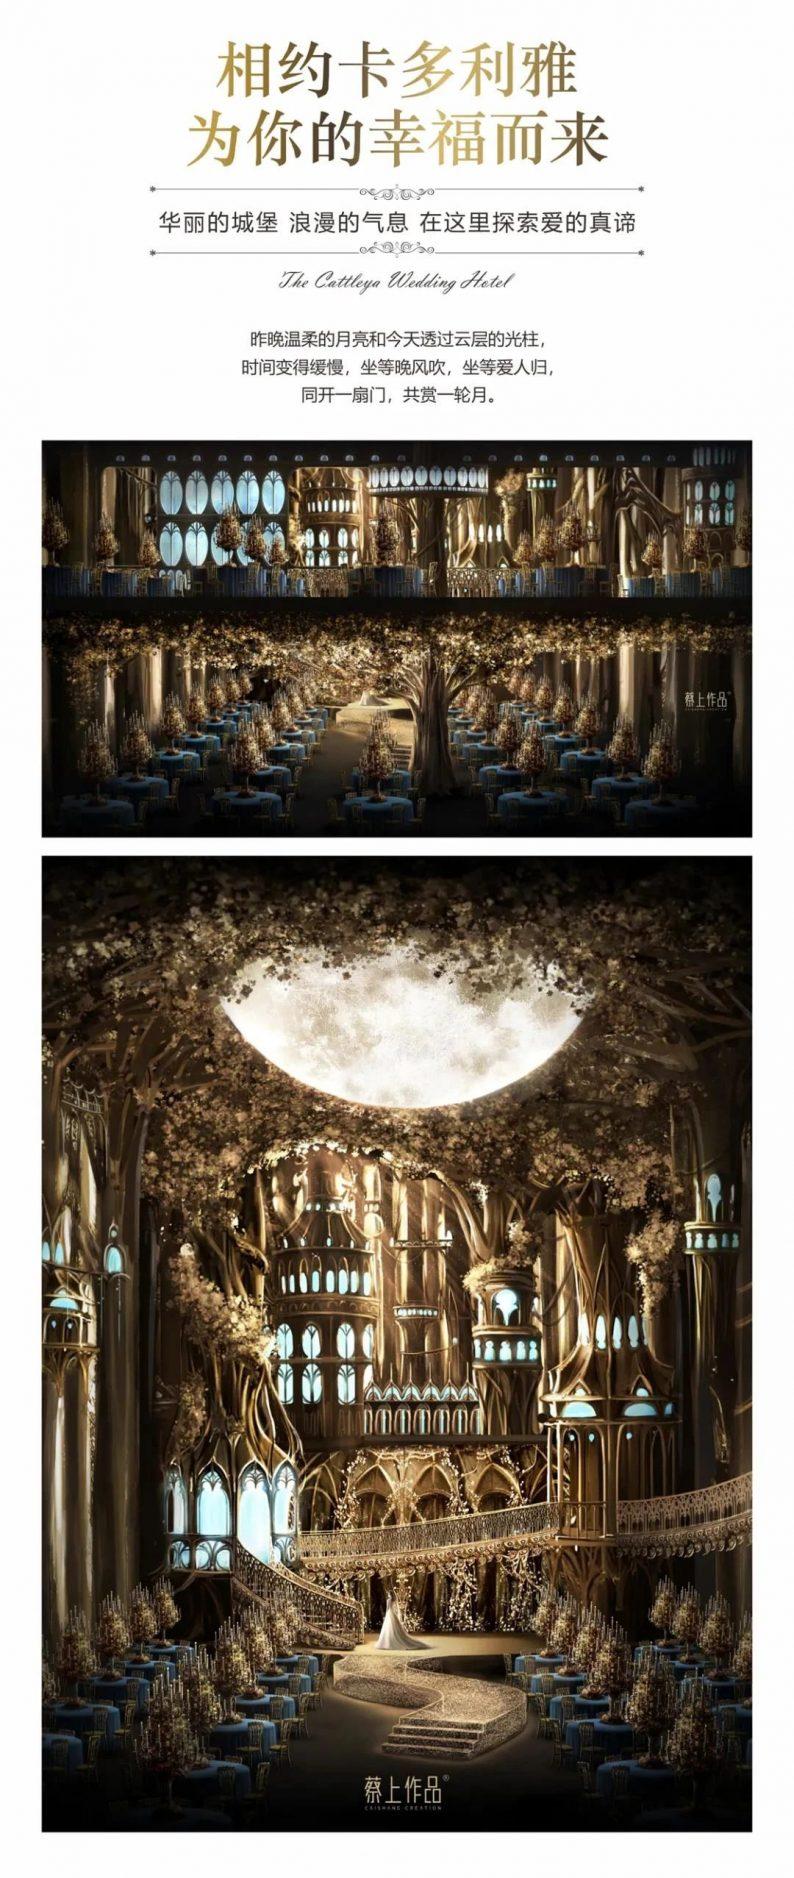 婚礼堂发布:蔡上设计!13大宴会厅,江西超大型单体婚礼堂  第3张